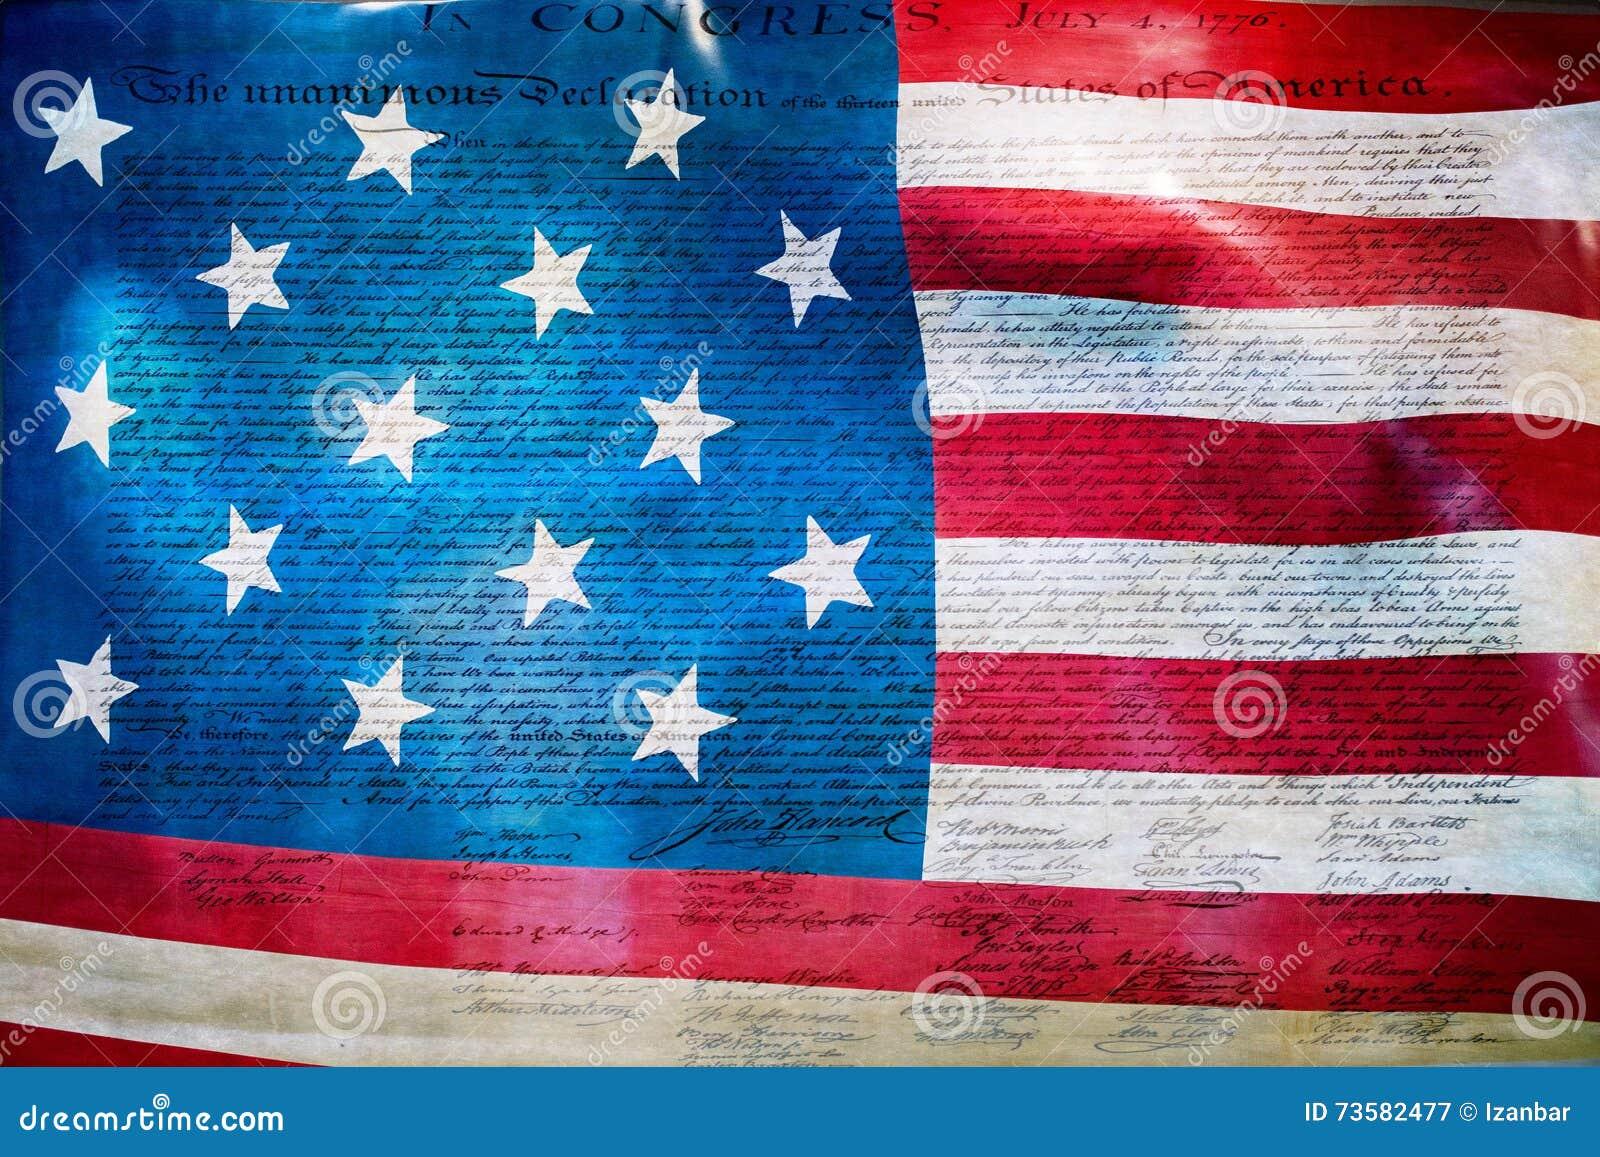 Dichiarazione di indipendenza 4 luglio 1776 sulla bandiera degli S.U.A.